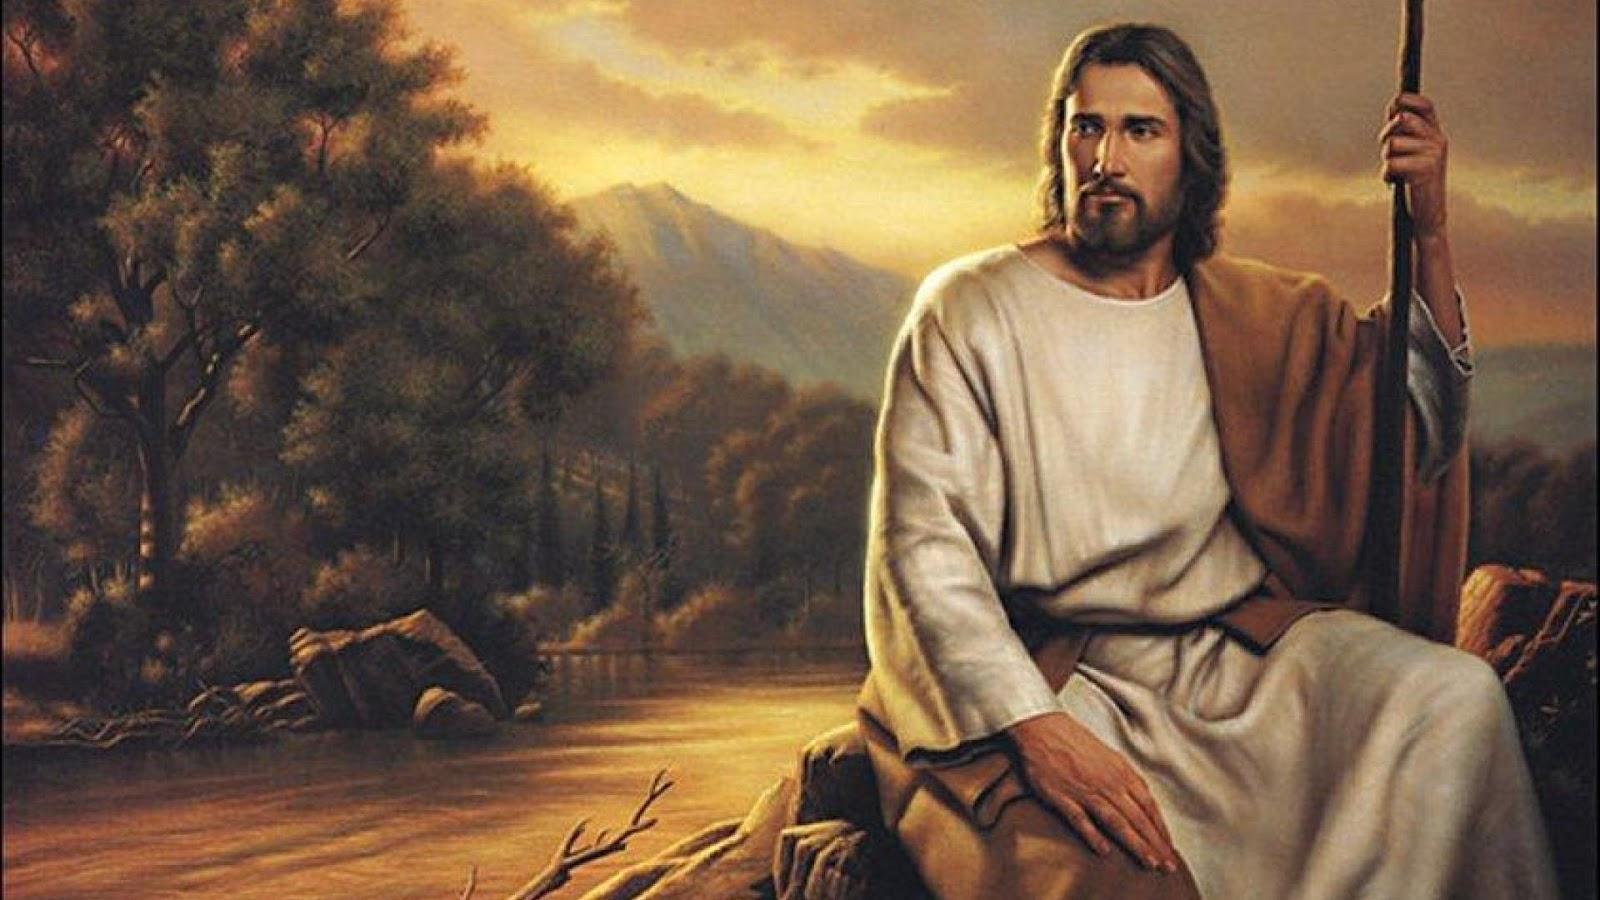 Chúa Giêsu ngồi ở đâu đó ven đường